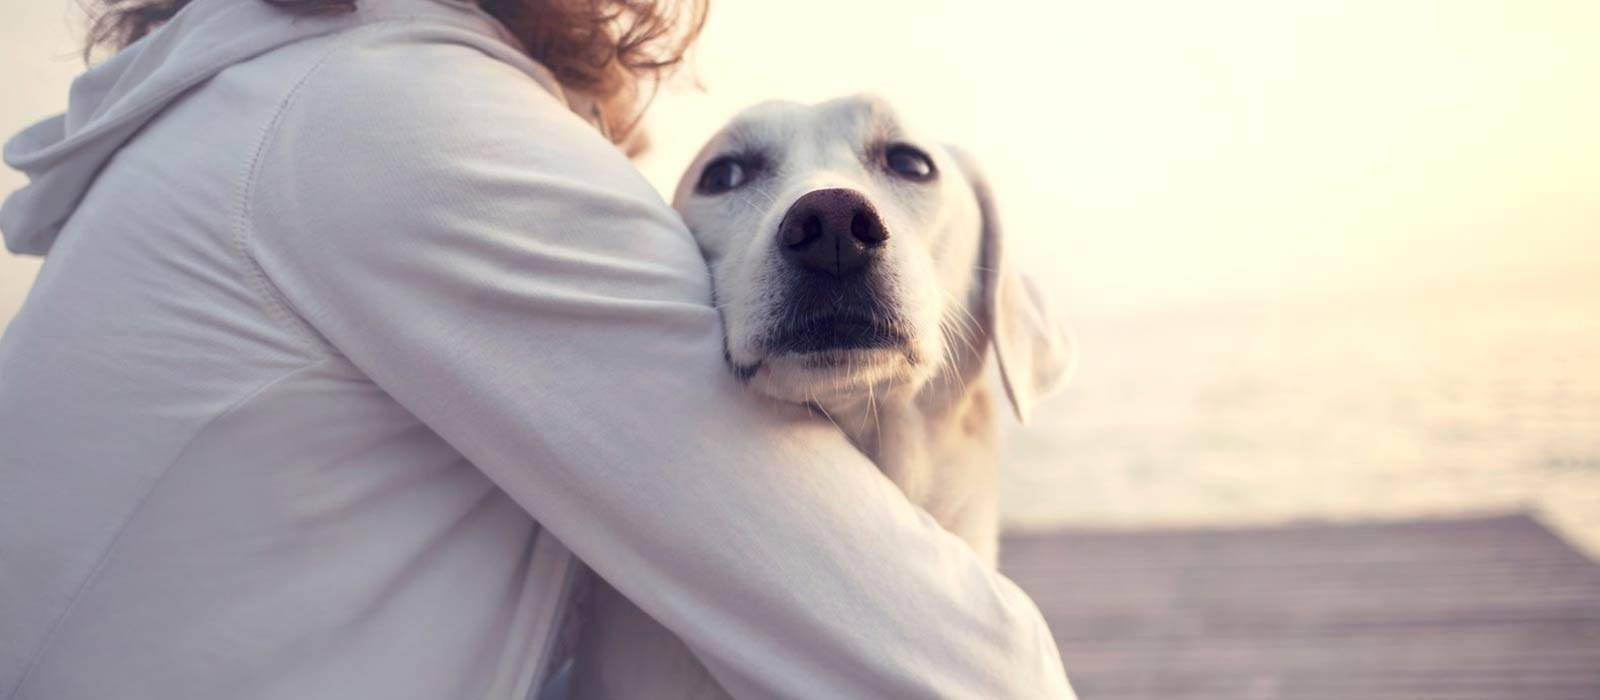 santé-animaux-chien